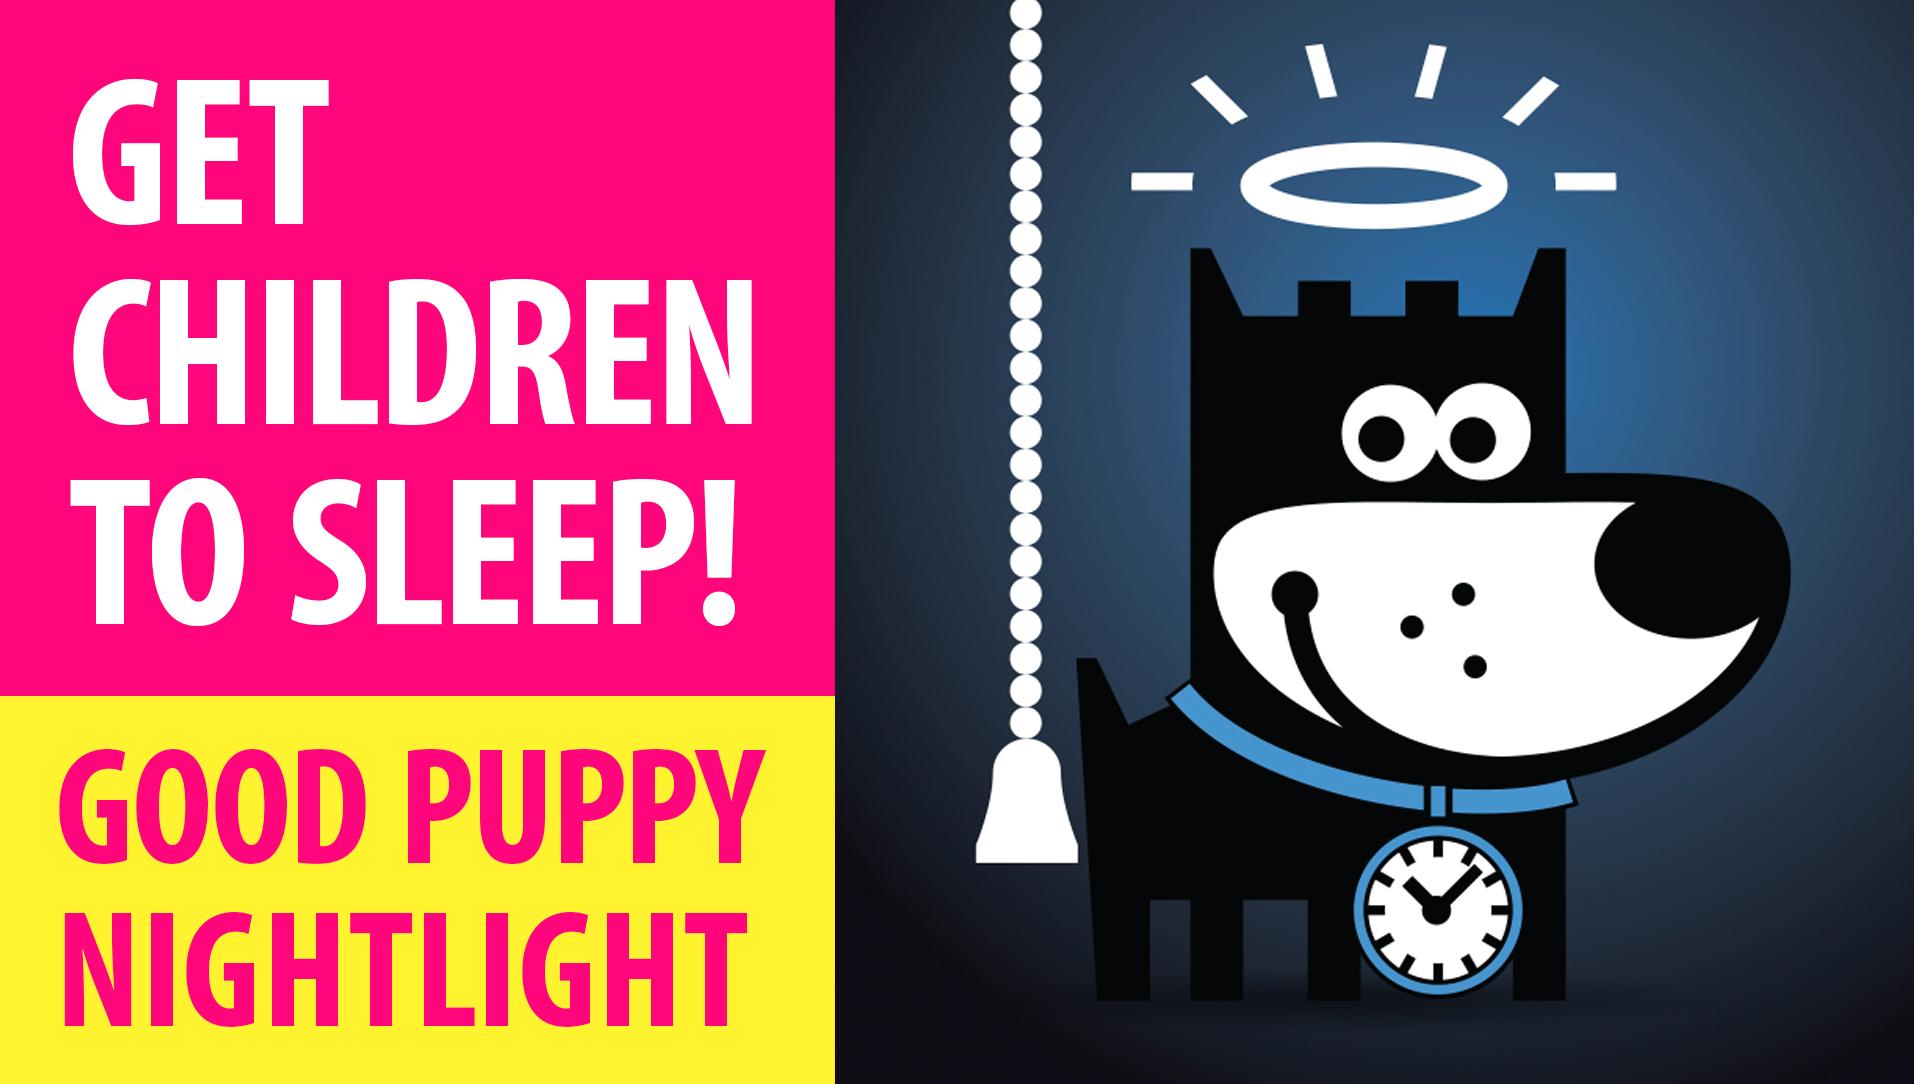 CHANEL : APPS & GAMES : GOOD PUPPY NIGHTLIGHT : Get Children To Sleep Through The Night